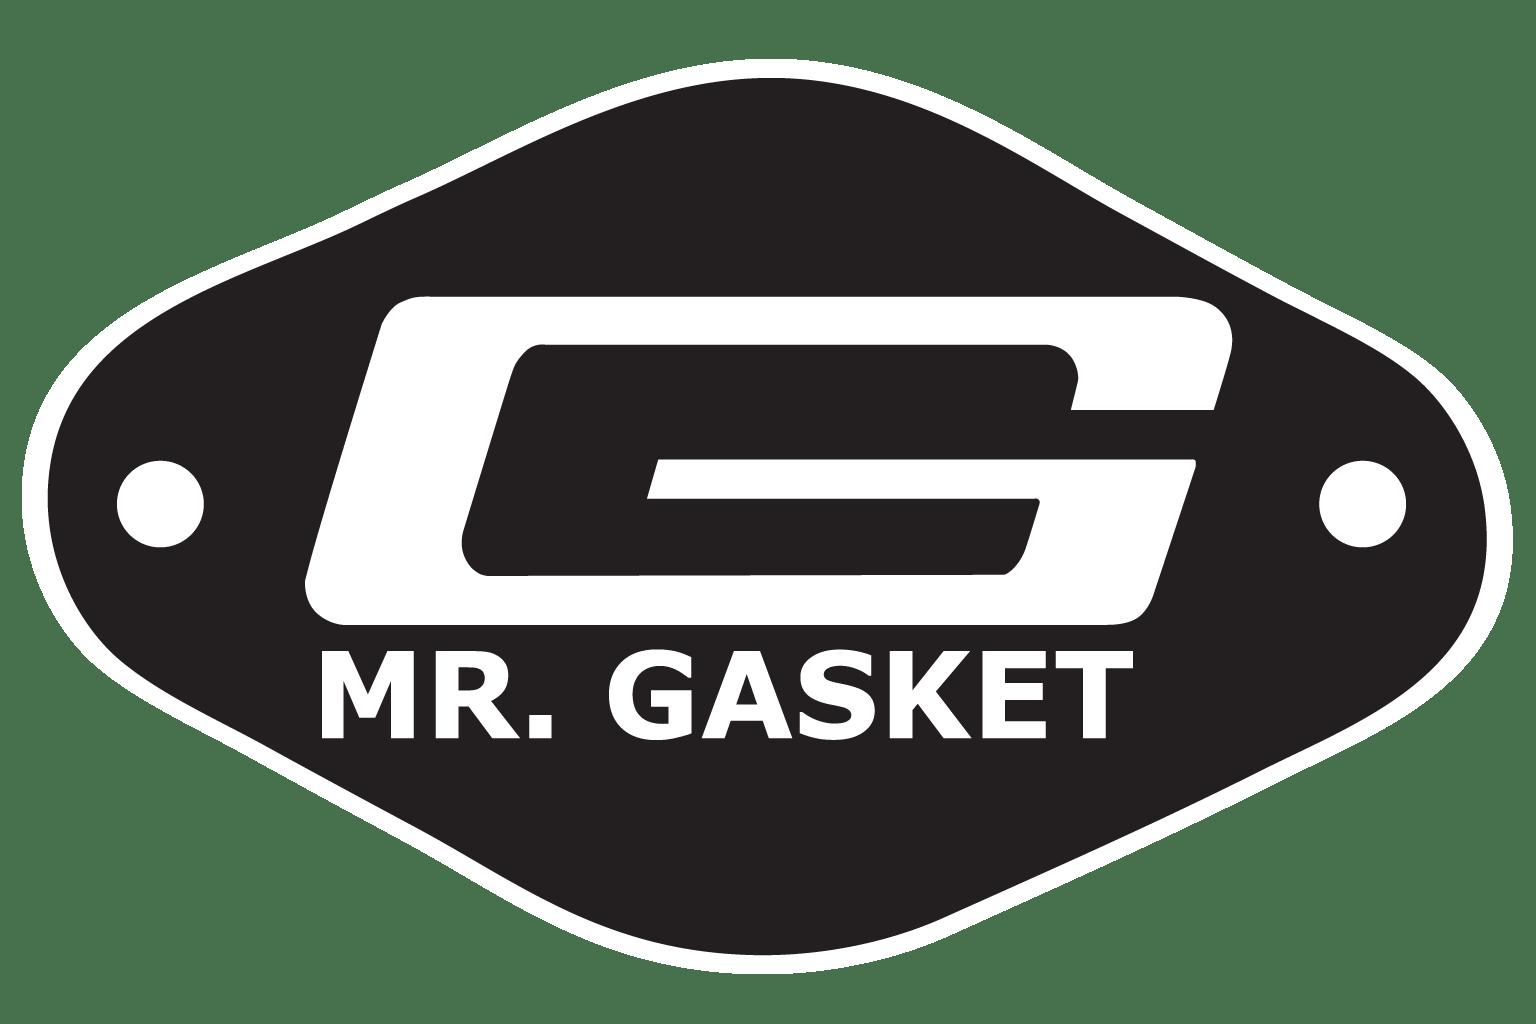 Mr. Gasket